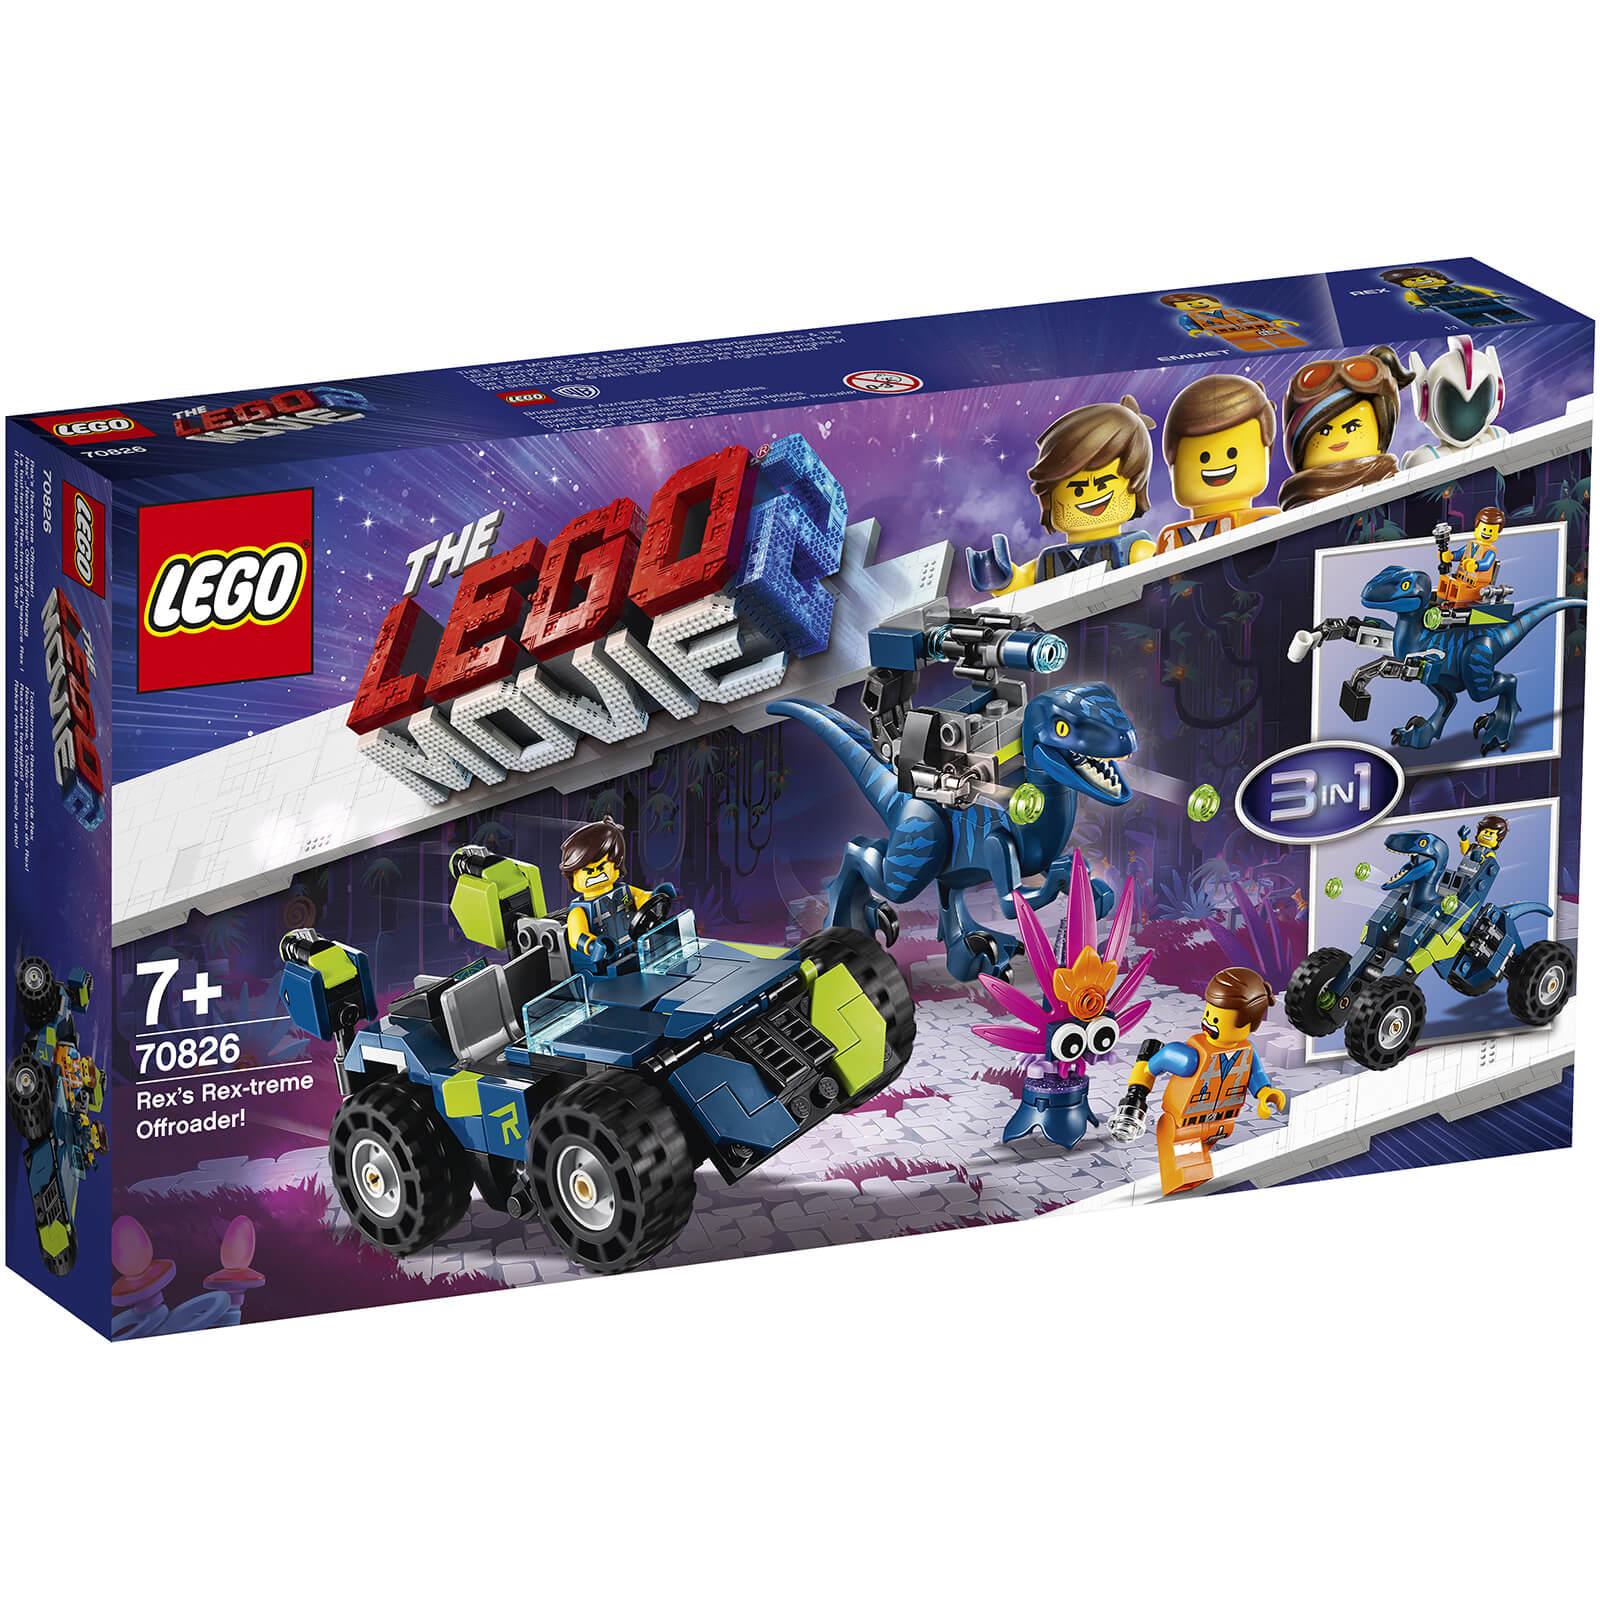 Lego Movie 2: Rex's Rex-treme Offroader! (70826)